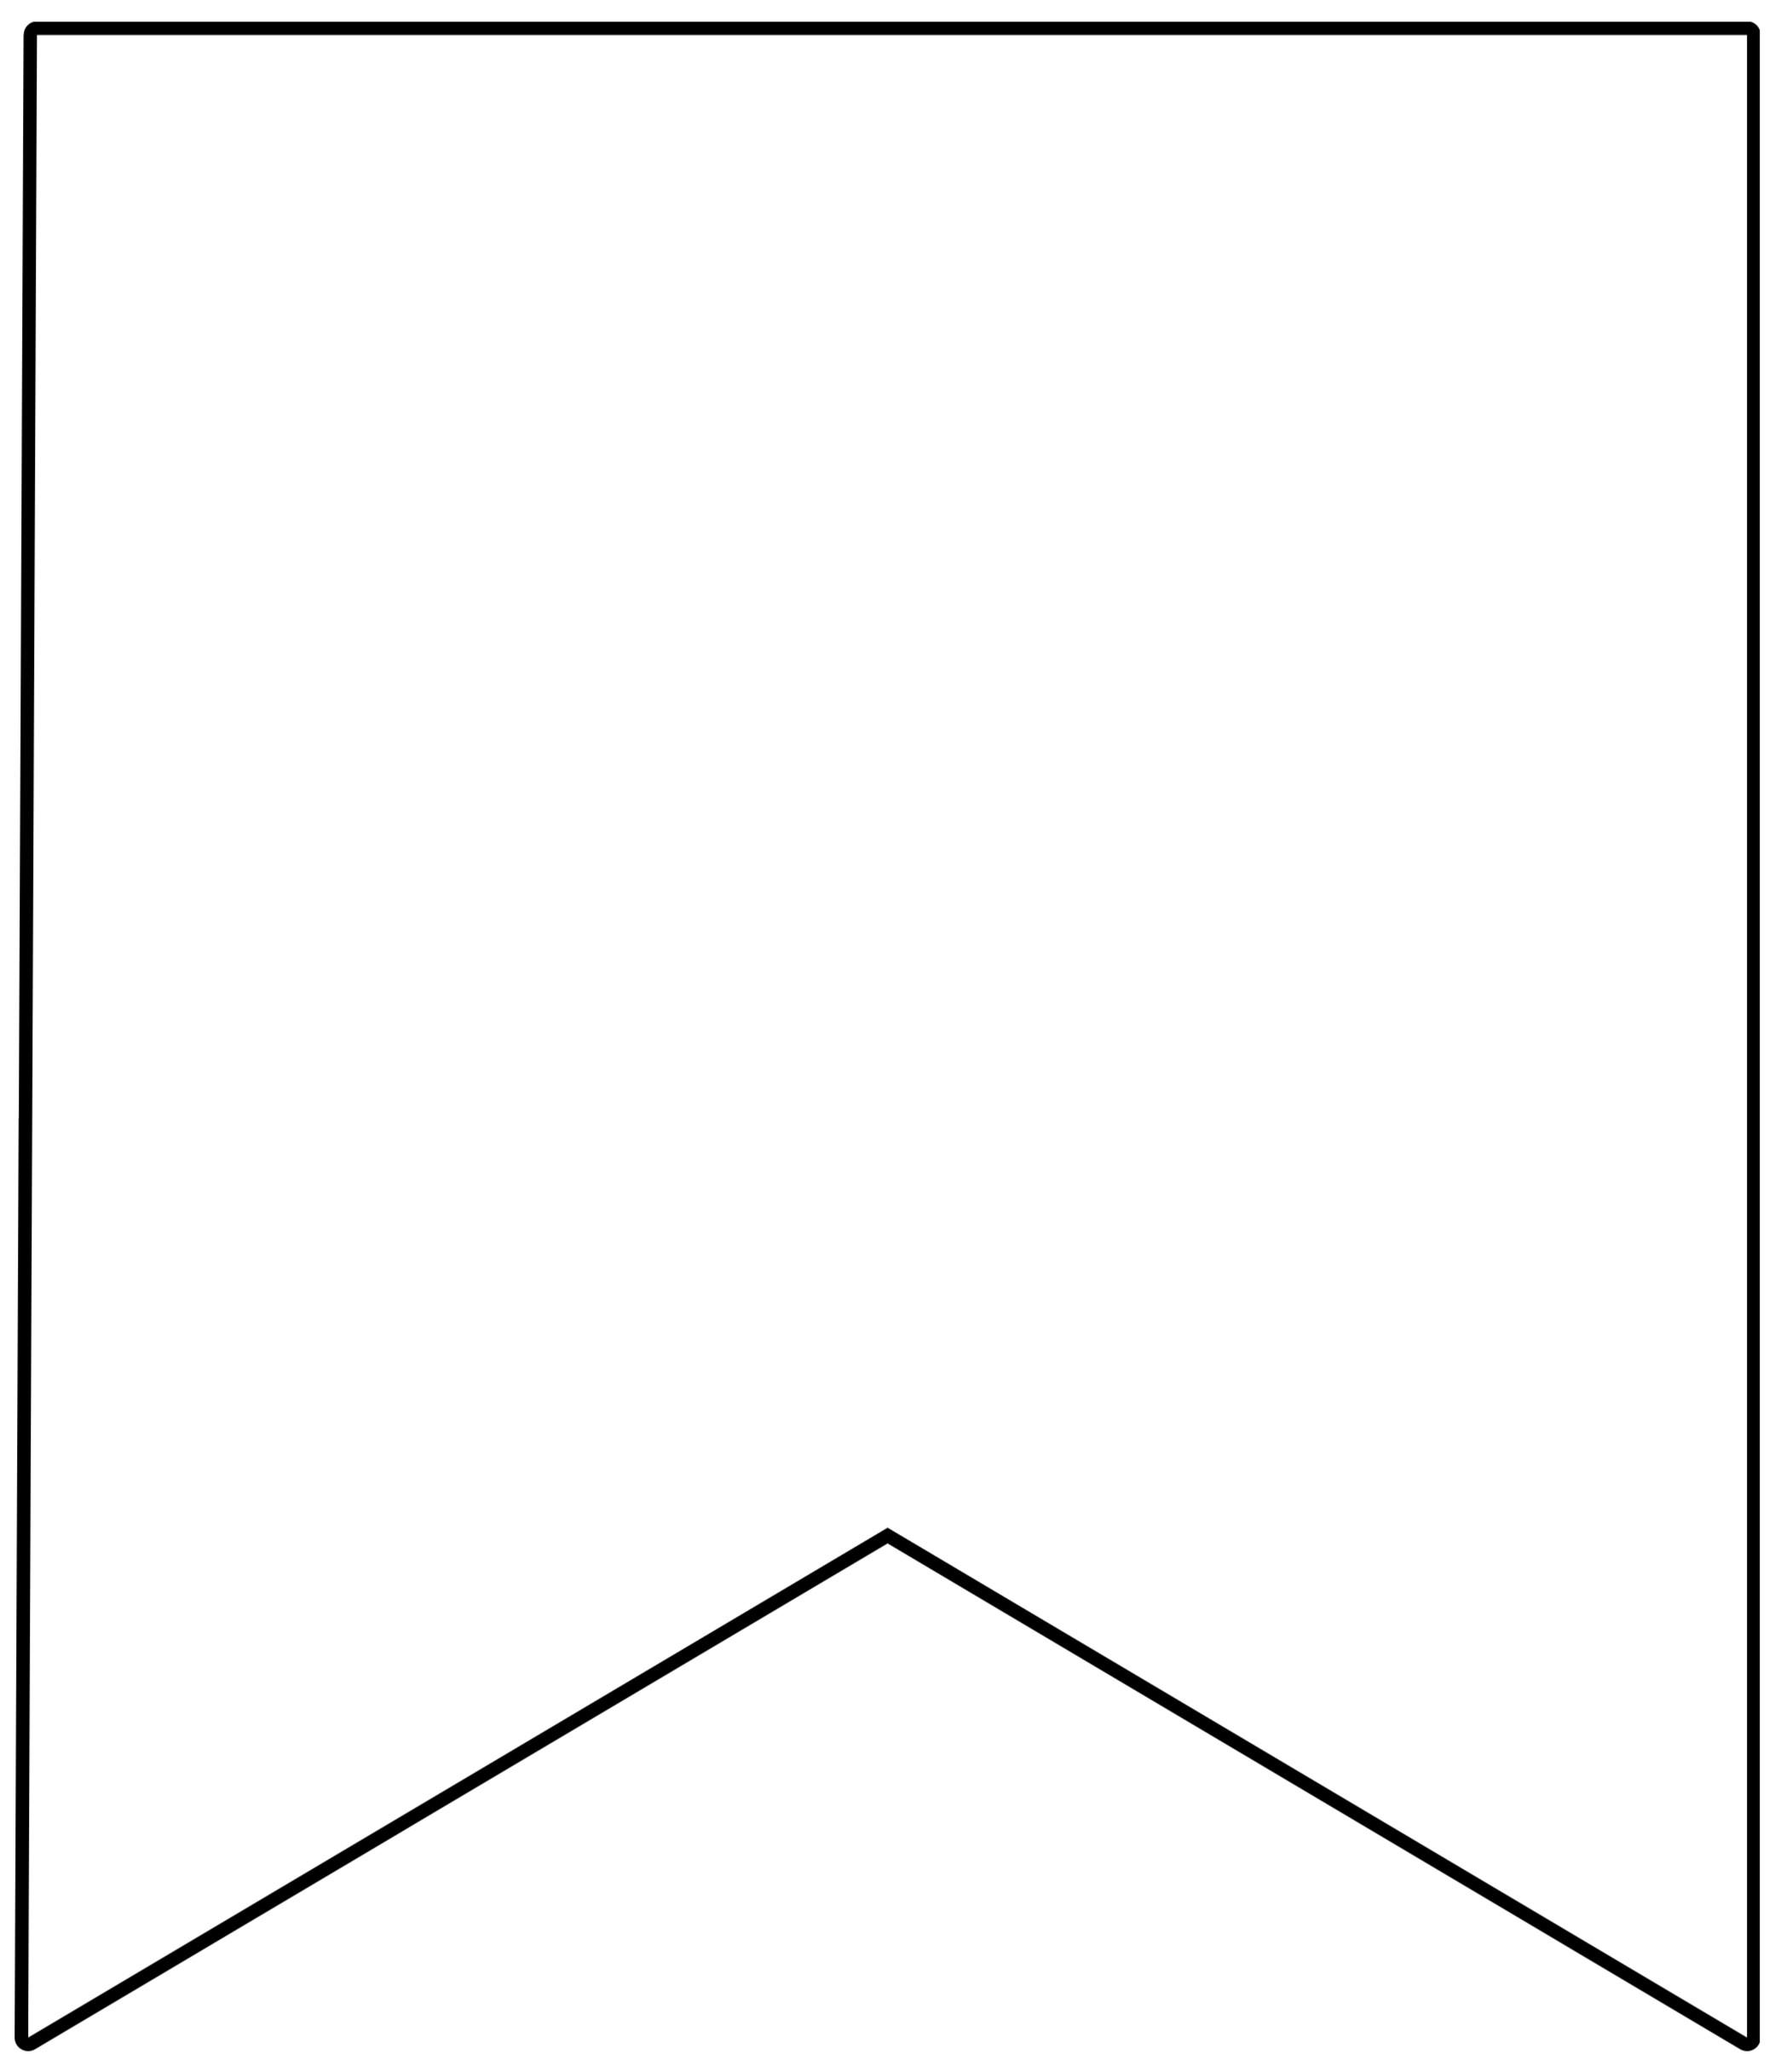 Blank Printable Banner Template Wcc usa.org